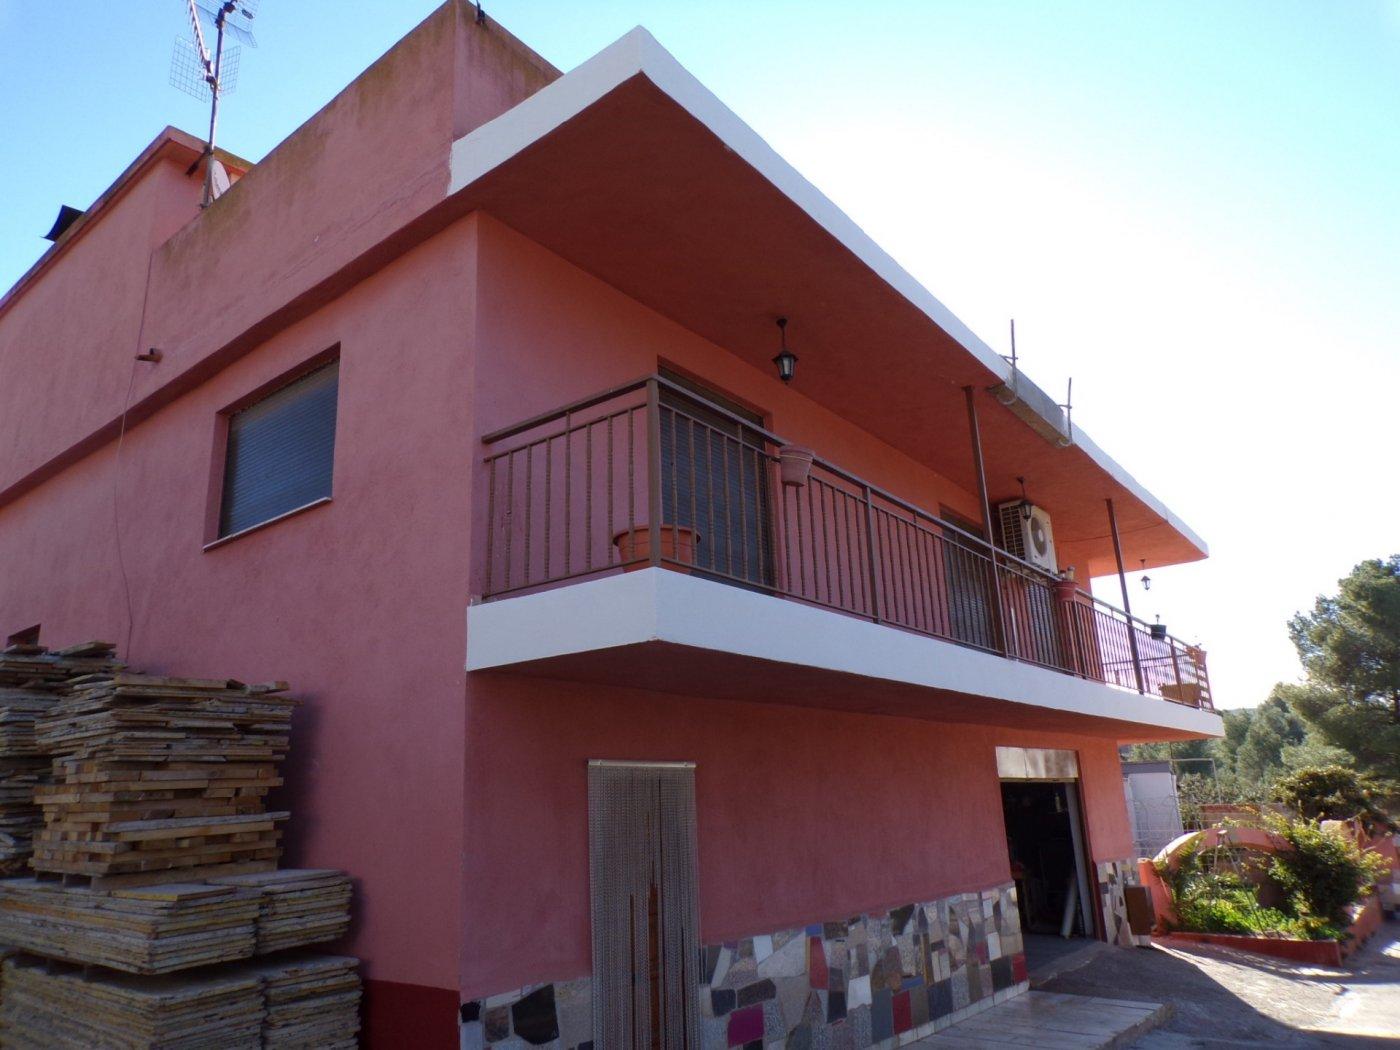 Casa  Sant joan de moro ,Sant Joan de Moró. Casa con terreno piscina propia muy cerca de castellon no lo dud